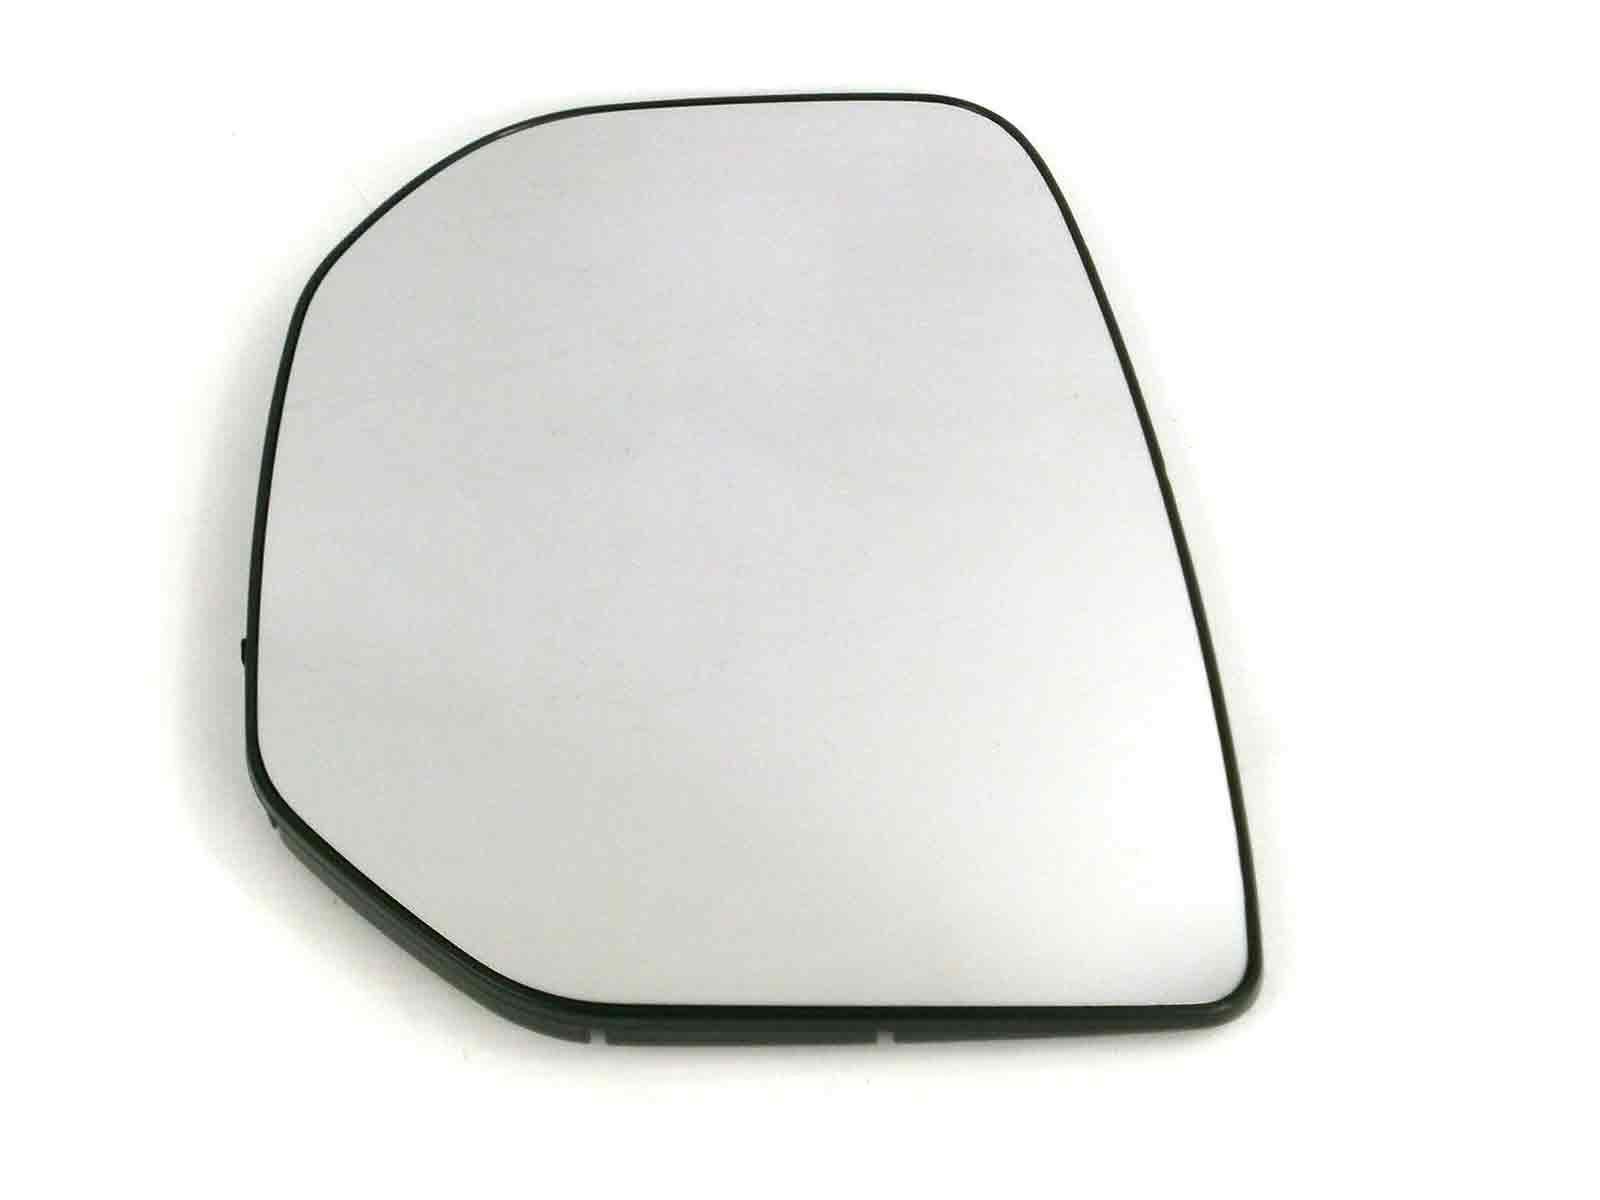 Citroen Berlingo Van//MPV 2008-2012 Right Side Heated Wing Door Mirror Glass